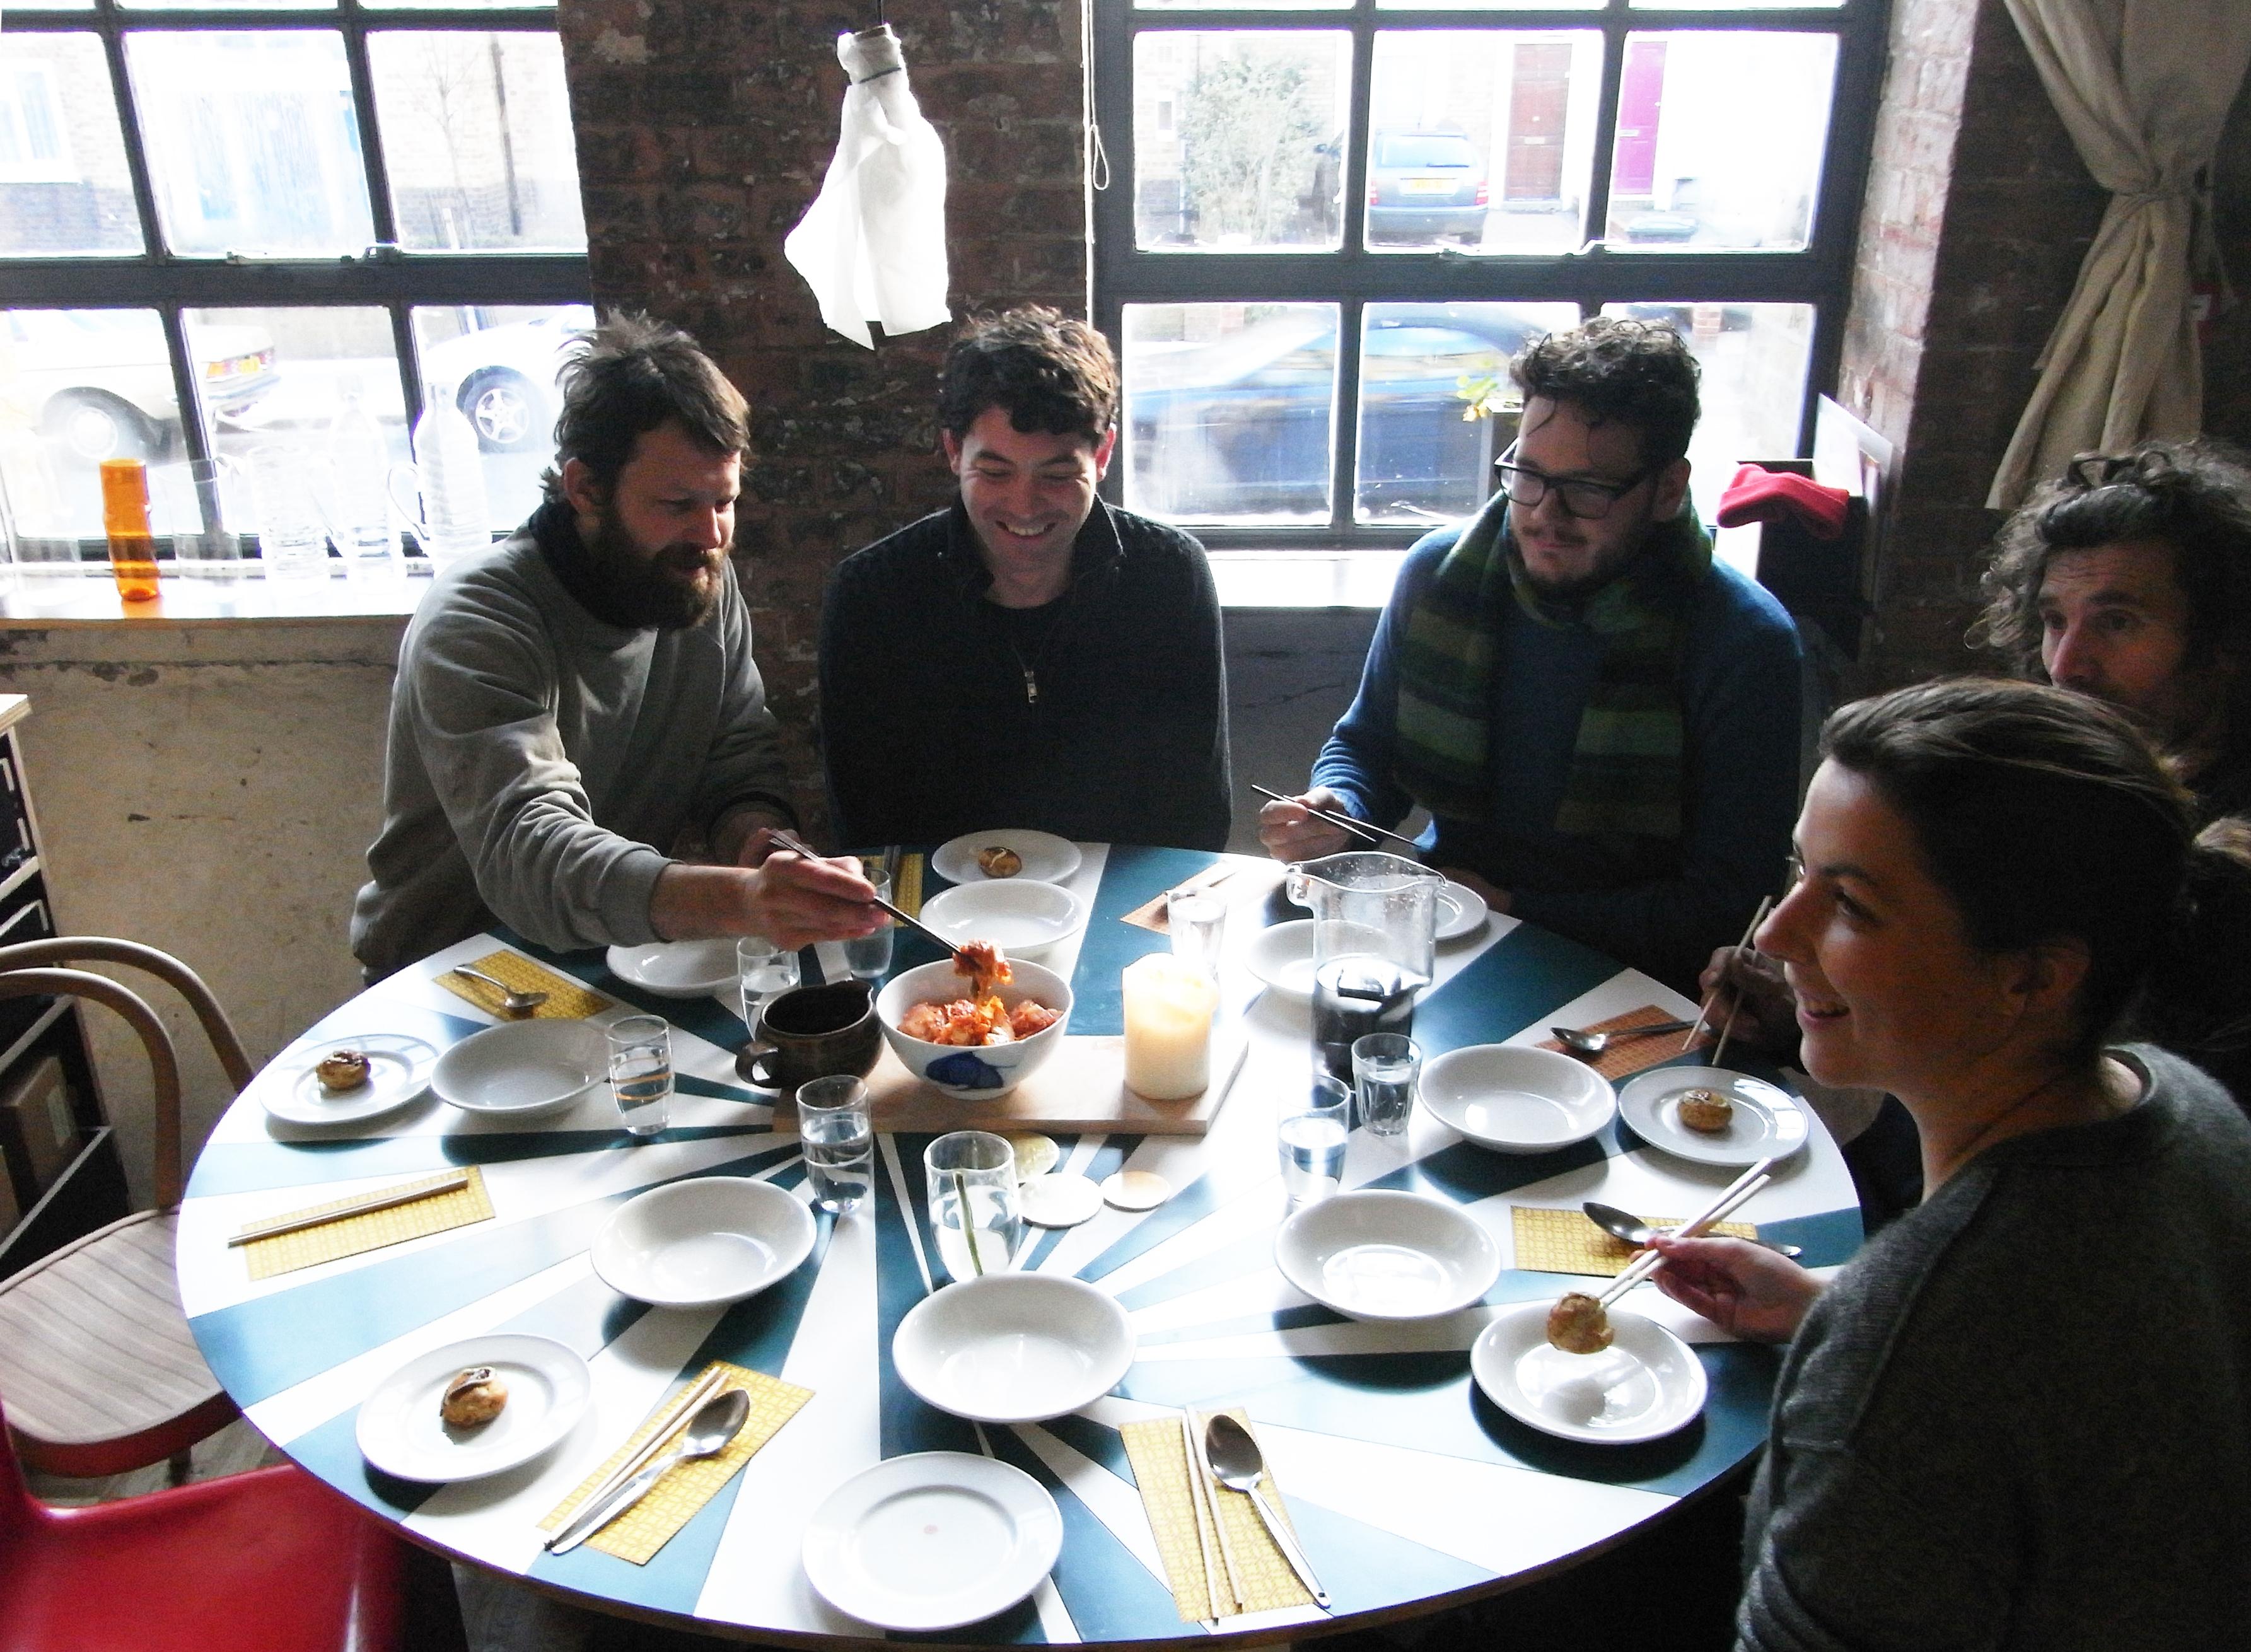 事務所をシェアするメンバーで集まっては、昼食をつくり、食卓を囲む生活。